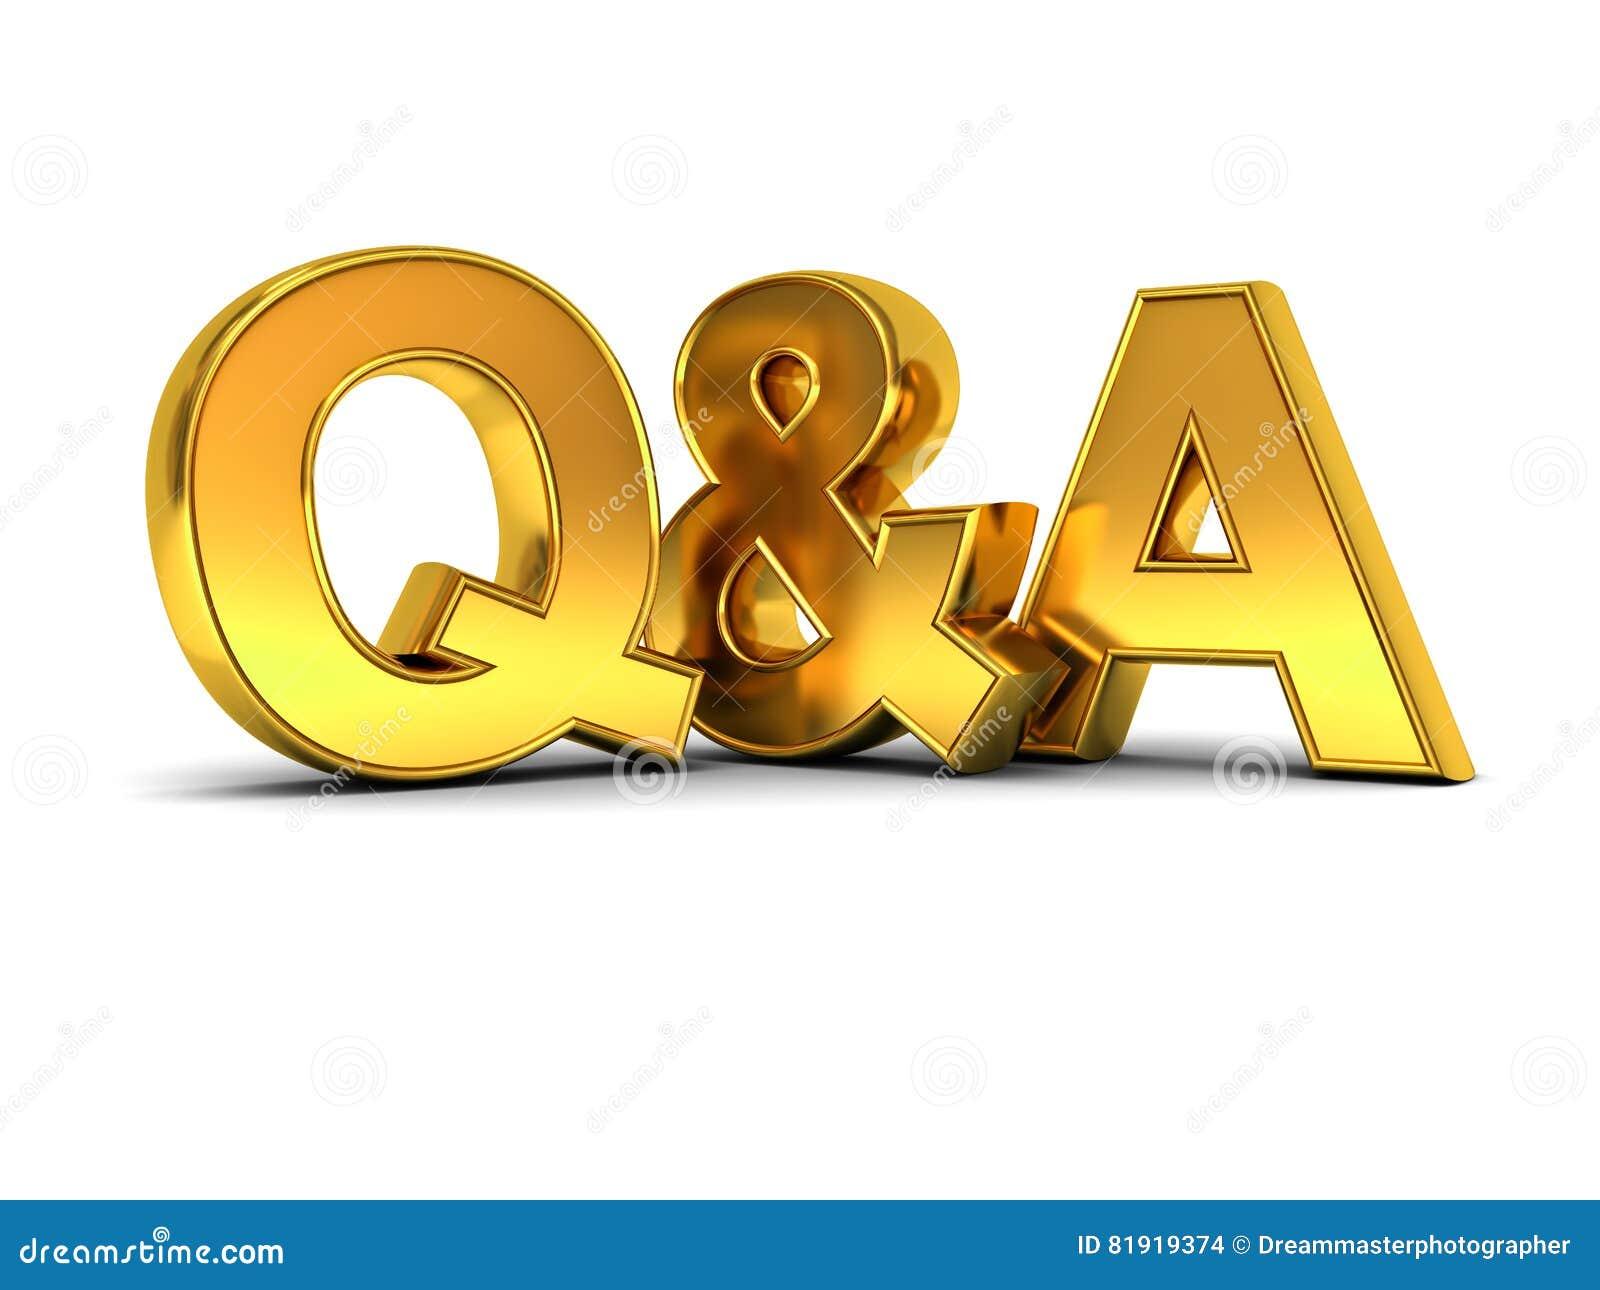 Frage und Antworten-Konzeptgold Q und a-Text